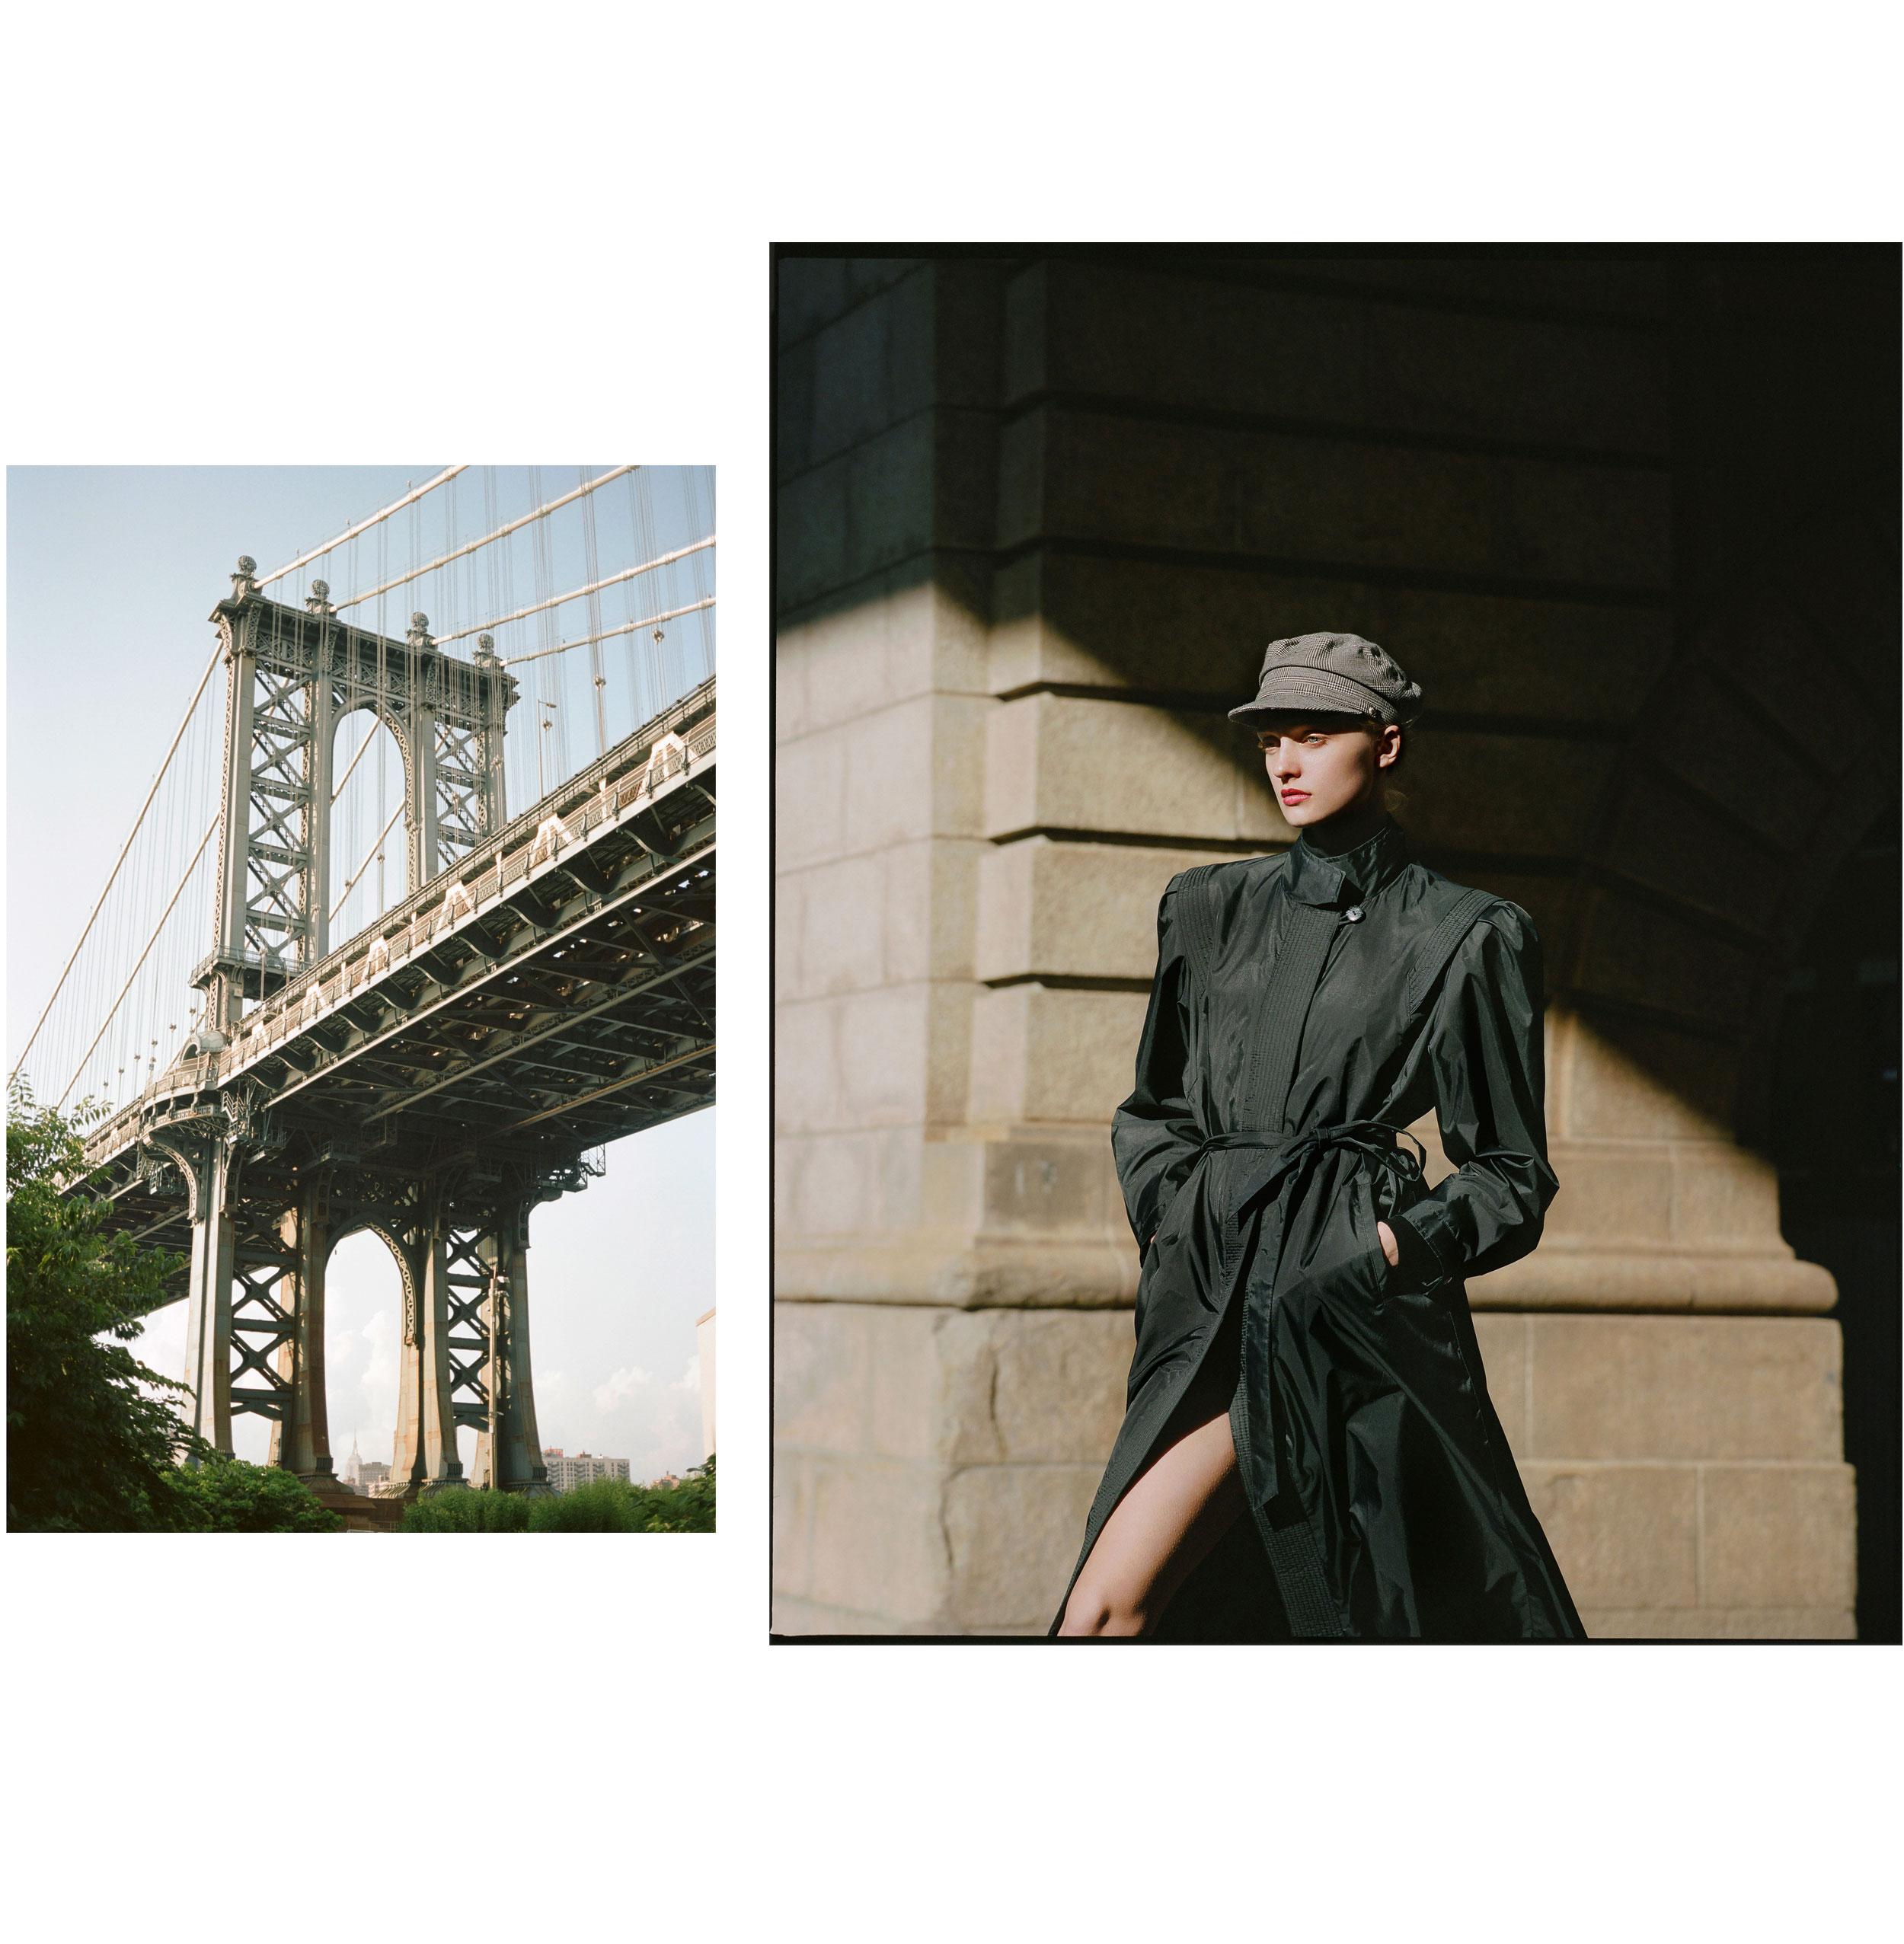 NYC_fashion_photo.jpg